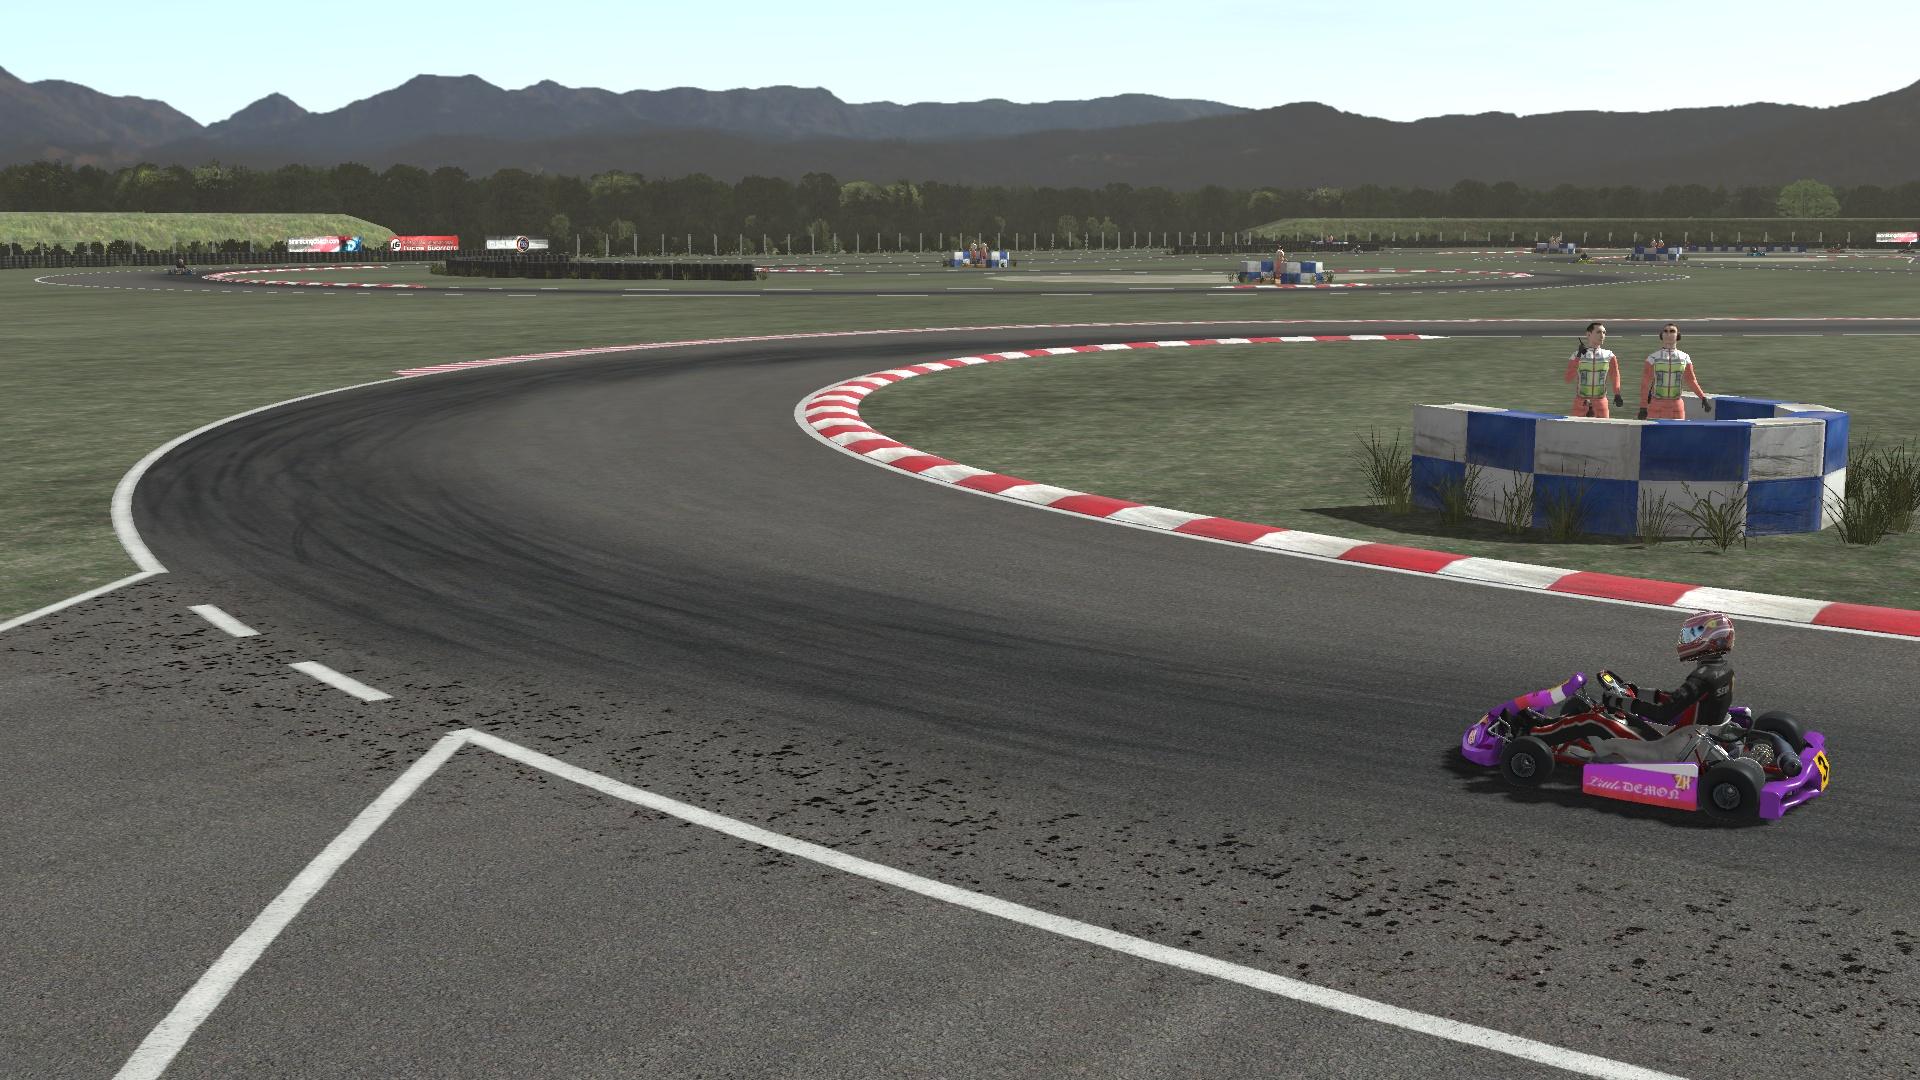 Circuito Valencia F1 : Kartodromo internacional valencia karting racedepartment